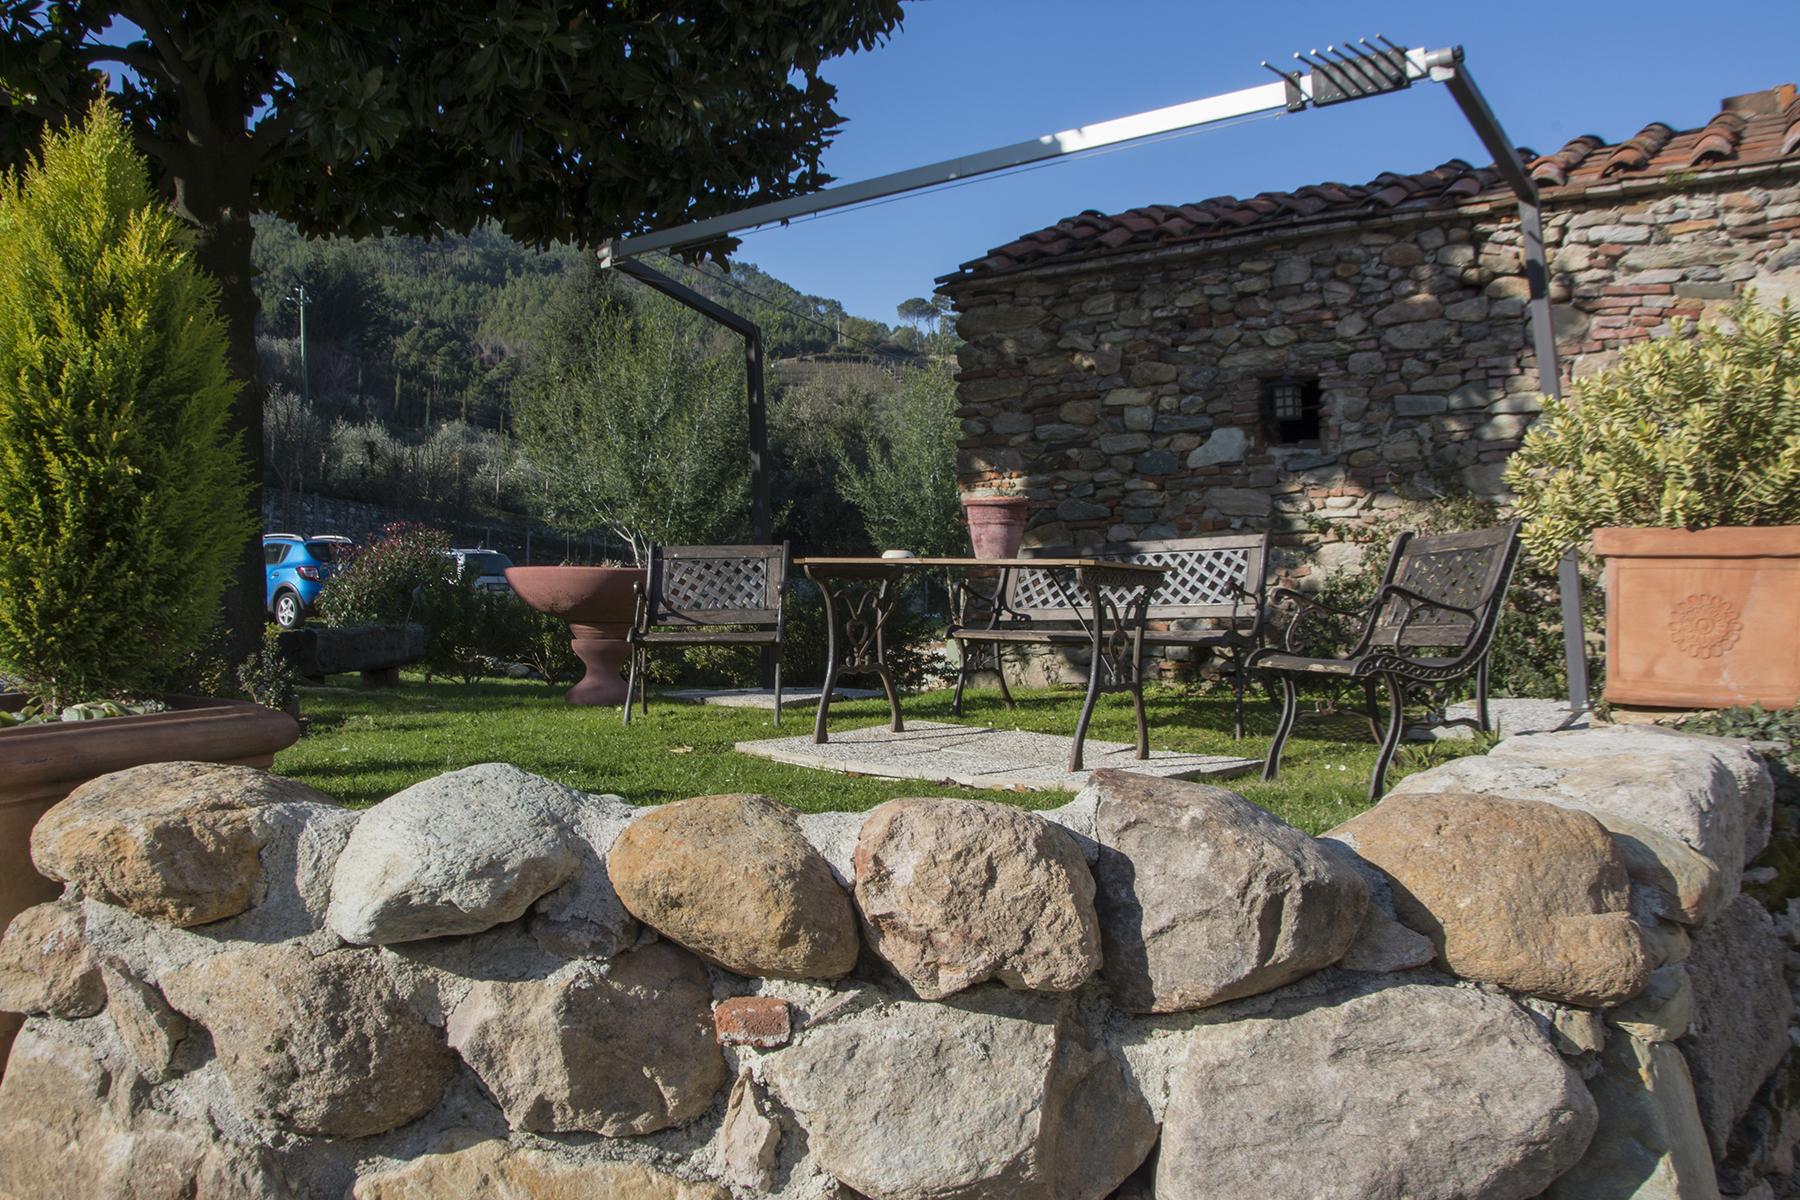 Rustico in Vendita a Capannori: 5 locali, 500 mq - Foto 9